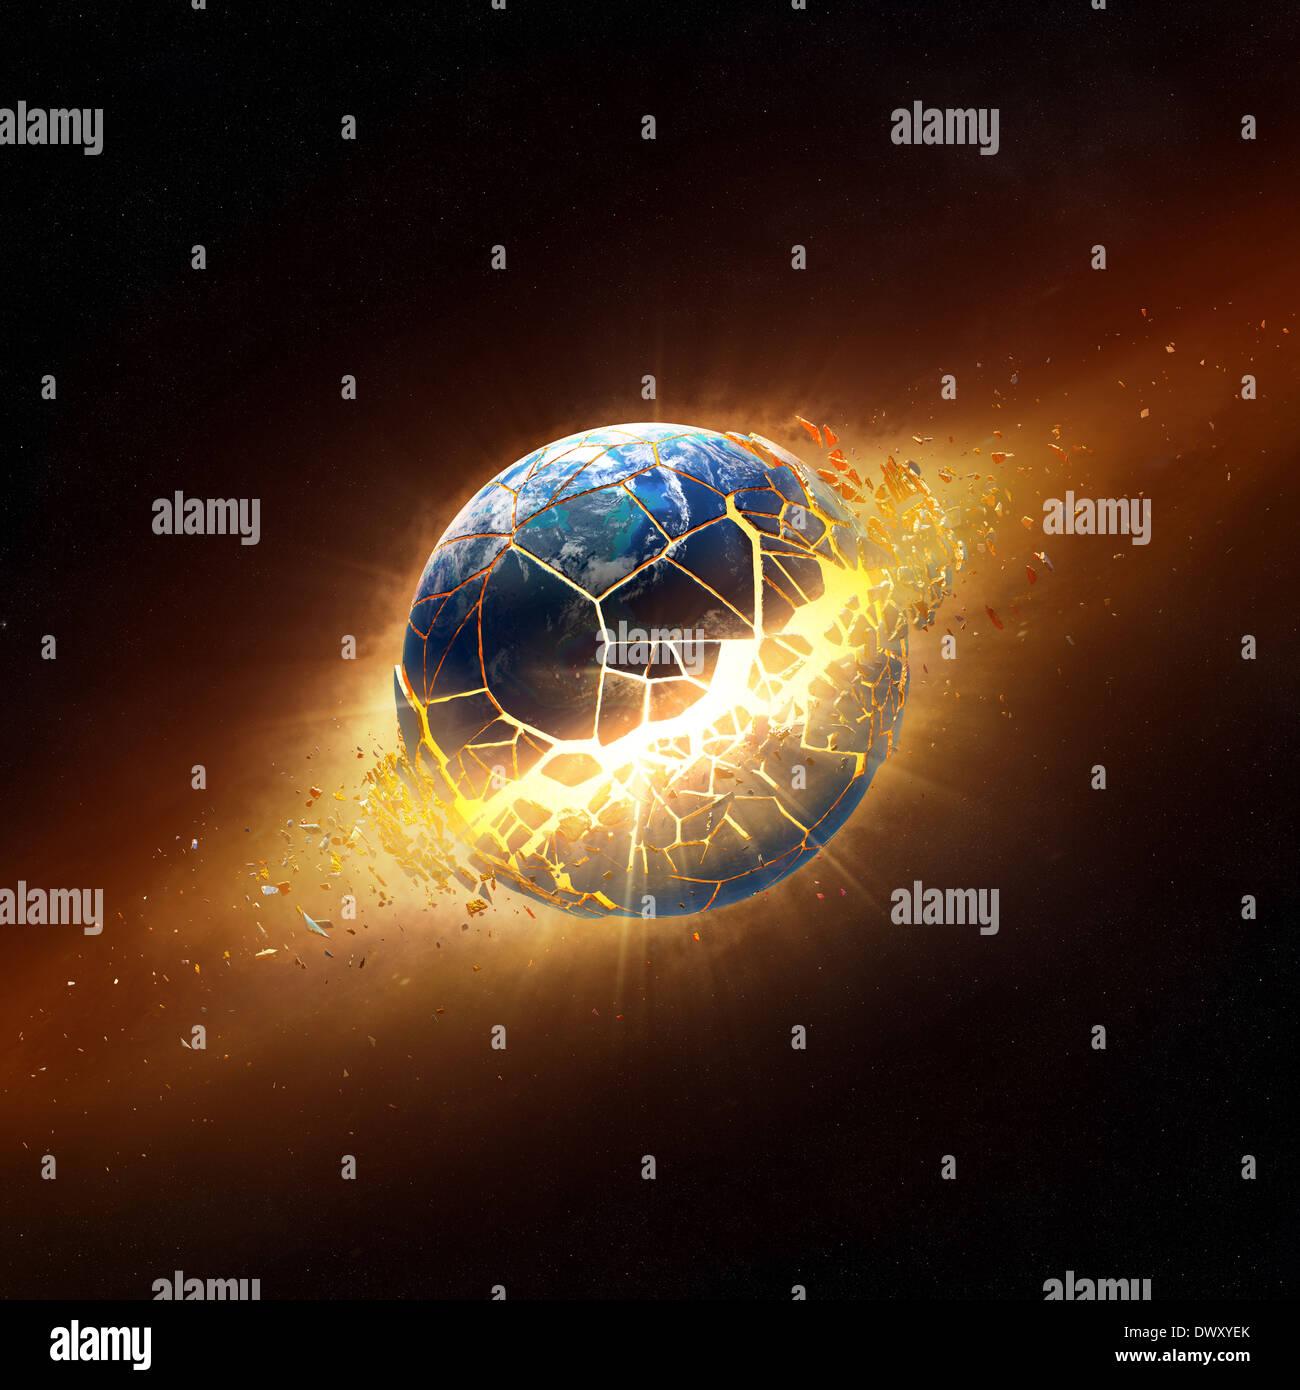 Planetenerde explodieren im Raum (Elemente dieses 3d Bild vom NASA - Textur-Maps aus http://visibleearth.nasa.gov/) Stockbild